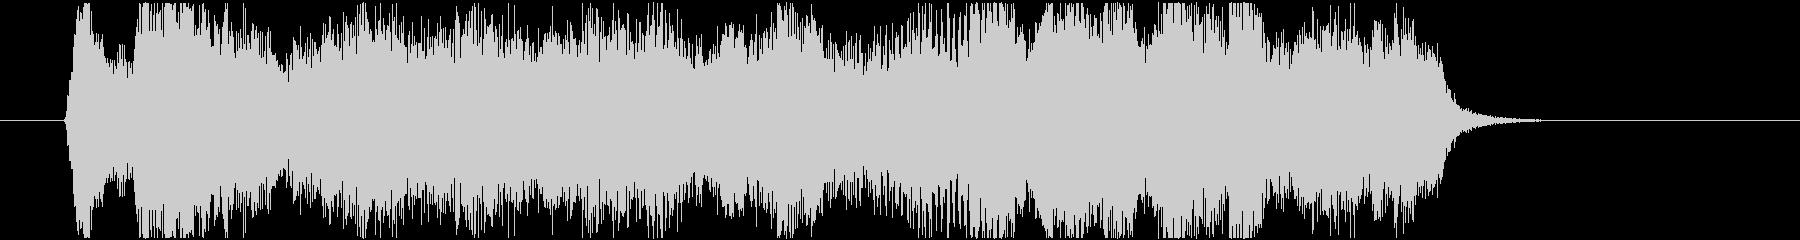 3拍子の優雅なストリングスジングルの未再生の波形